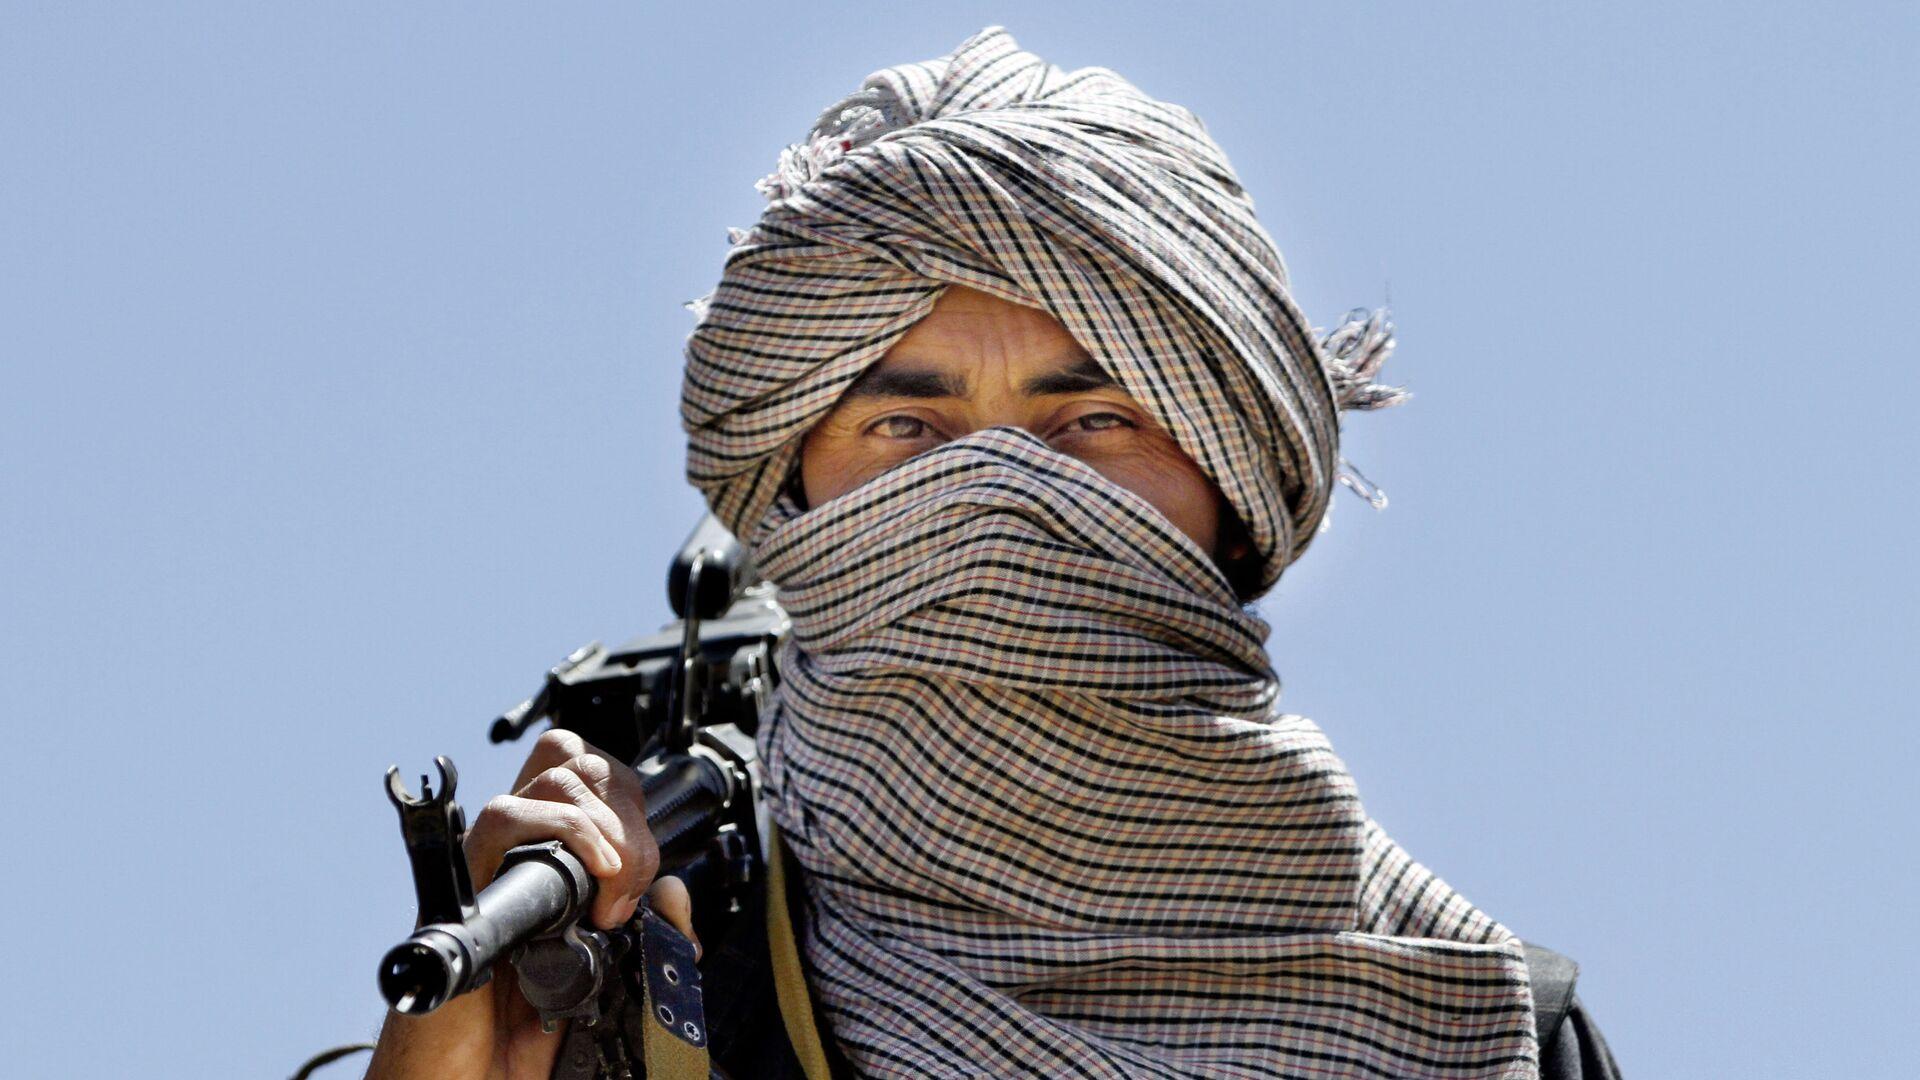 Член террористической организации  в Афганистане - Sputnik Тоҷикистон, 1920, 07.10.2021